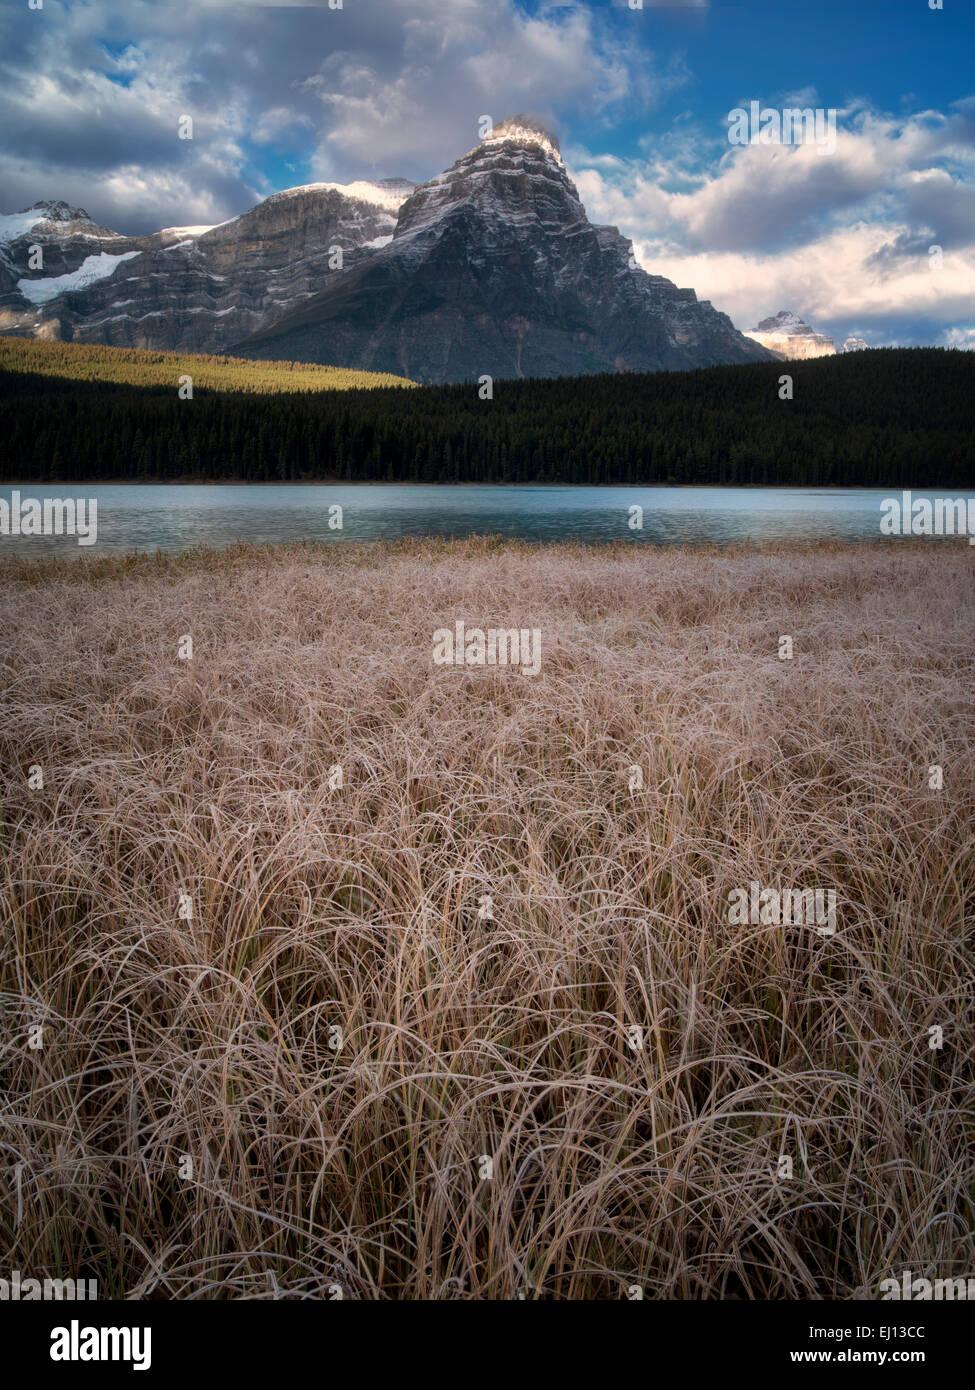 Lacs de la sauvagine avec frosty herbes et les montagnes. Le parc national Banff, Alberta Canada. Photo Stock